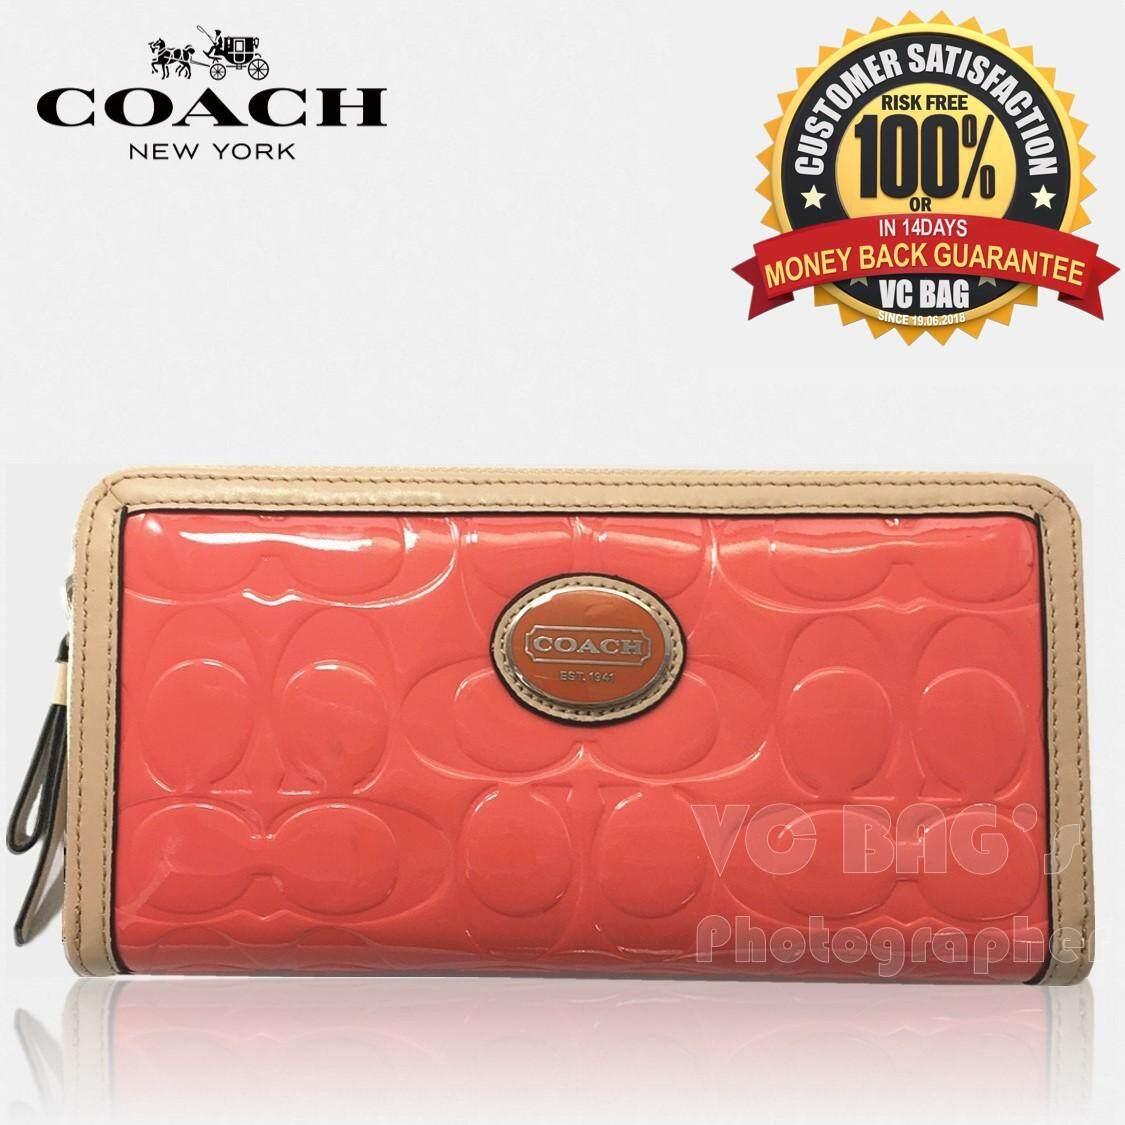 3ec89af0a208 Coach Women Wallets price in Malaysia - Best Coach Women Wallets ...